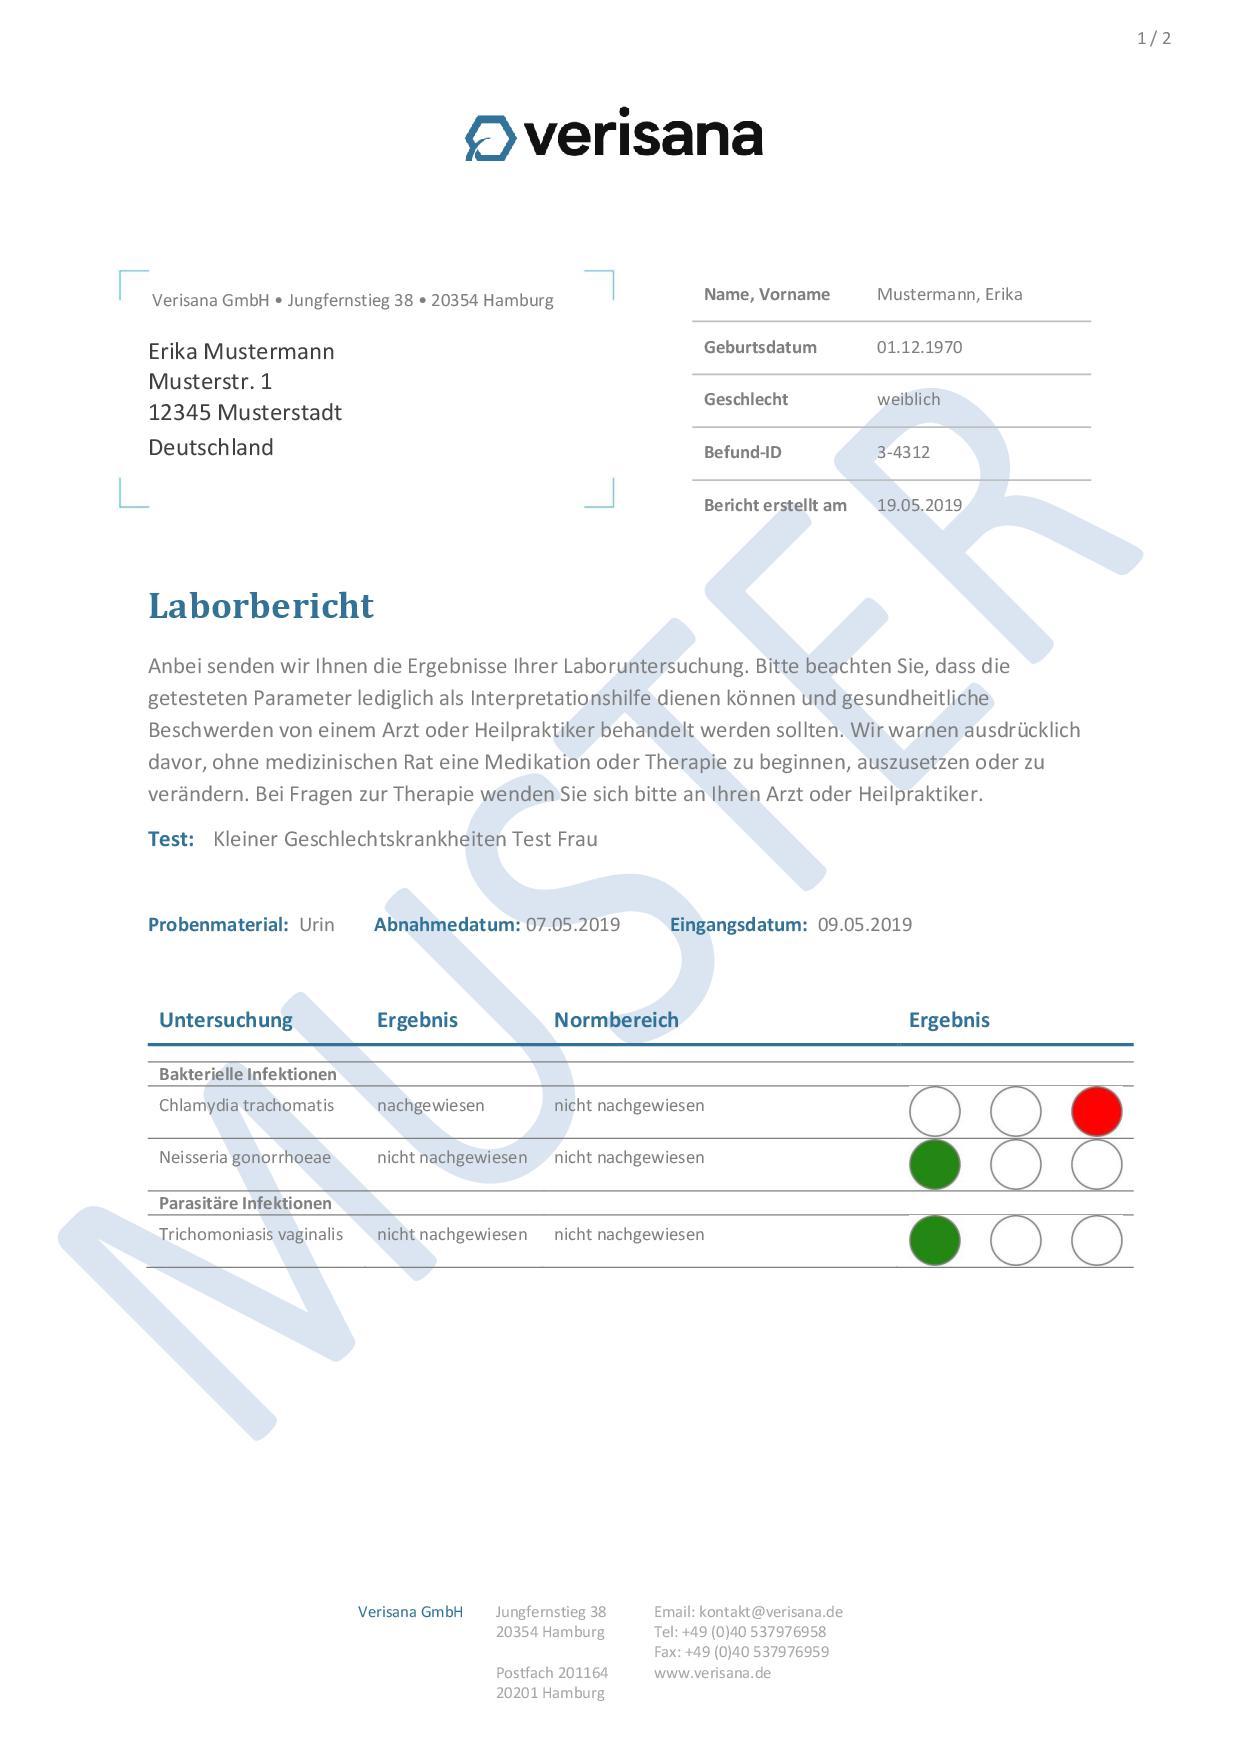 Kleiner Geschlechtskrankheiten Test (Frau) Muster 1